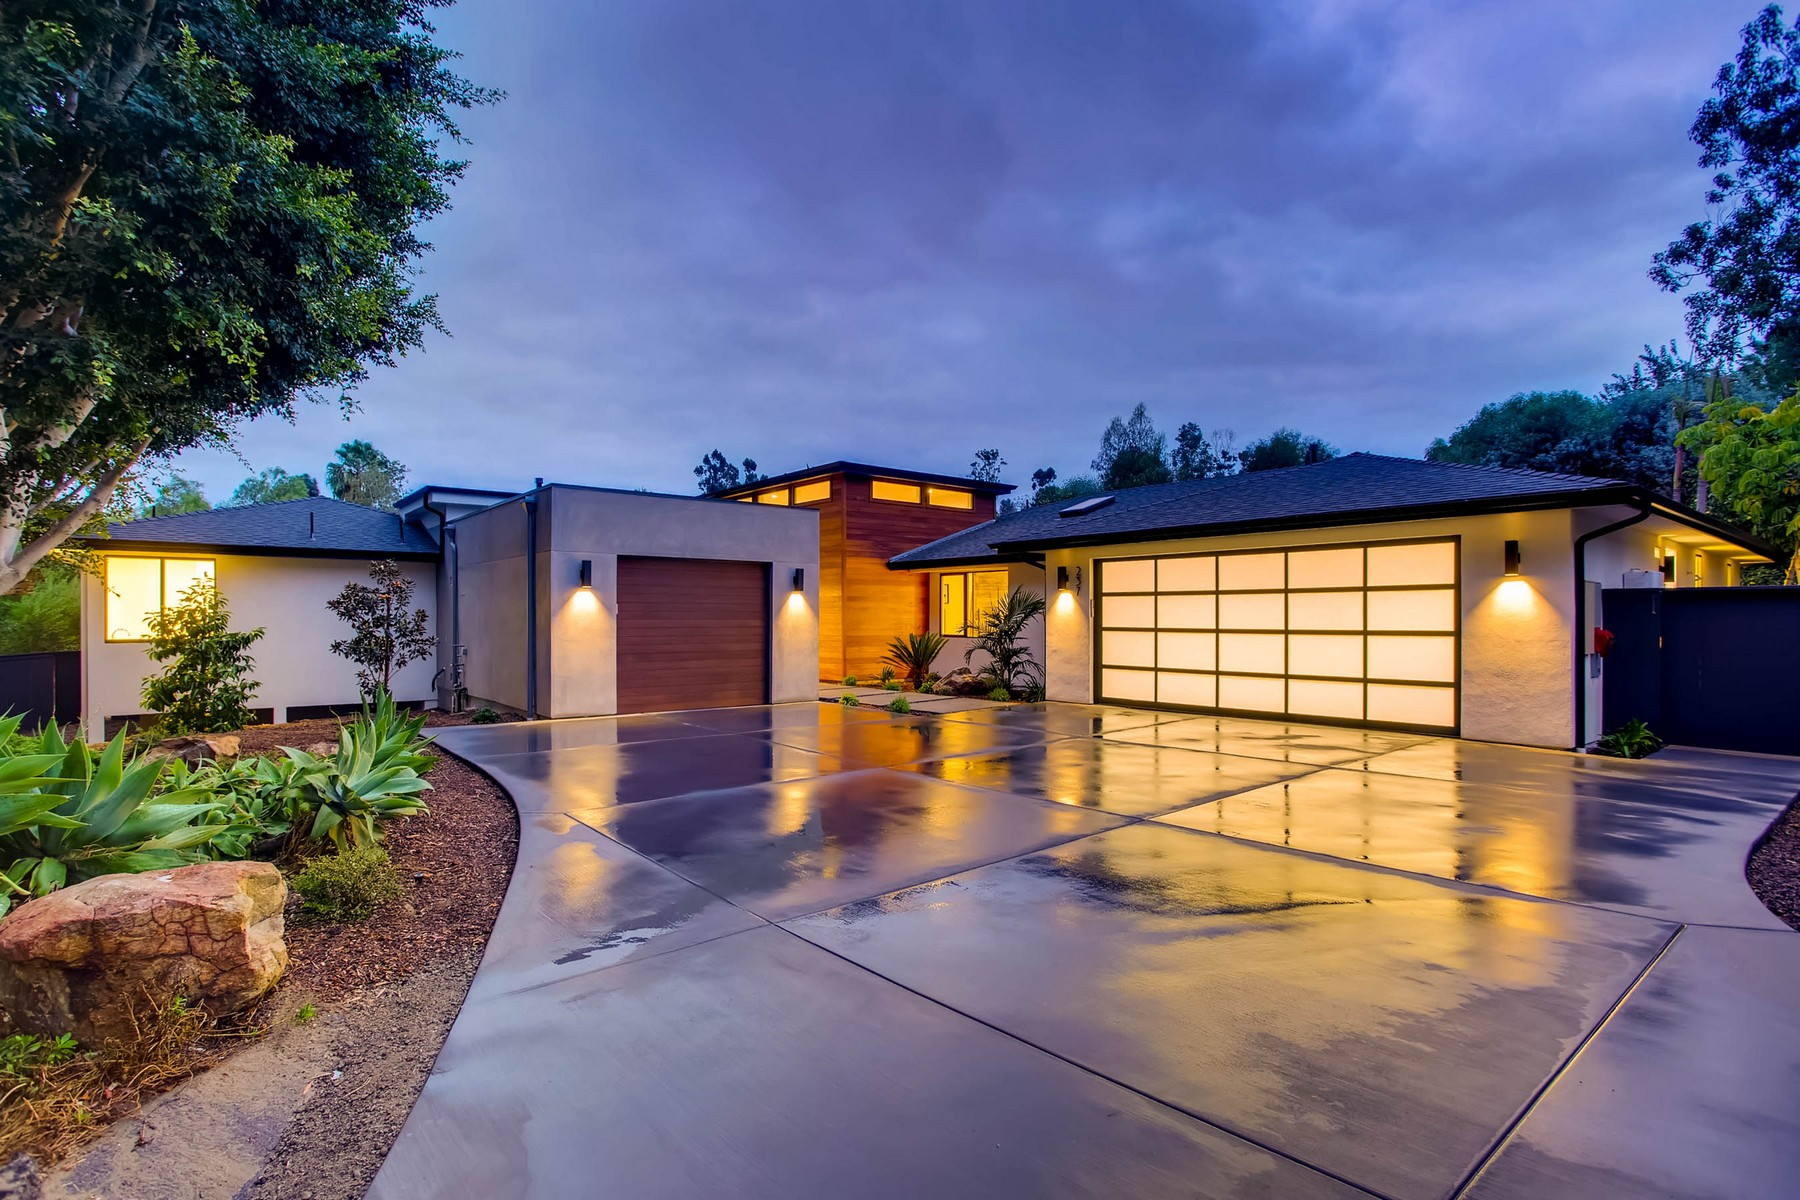 Single Family Home for Sale at 237 Via Del Cerrito Encinitas, California, 92024 United States